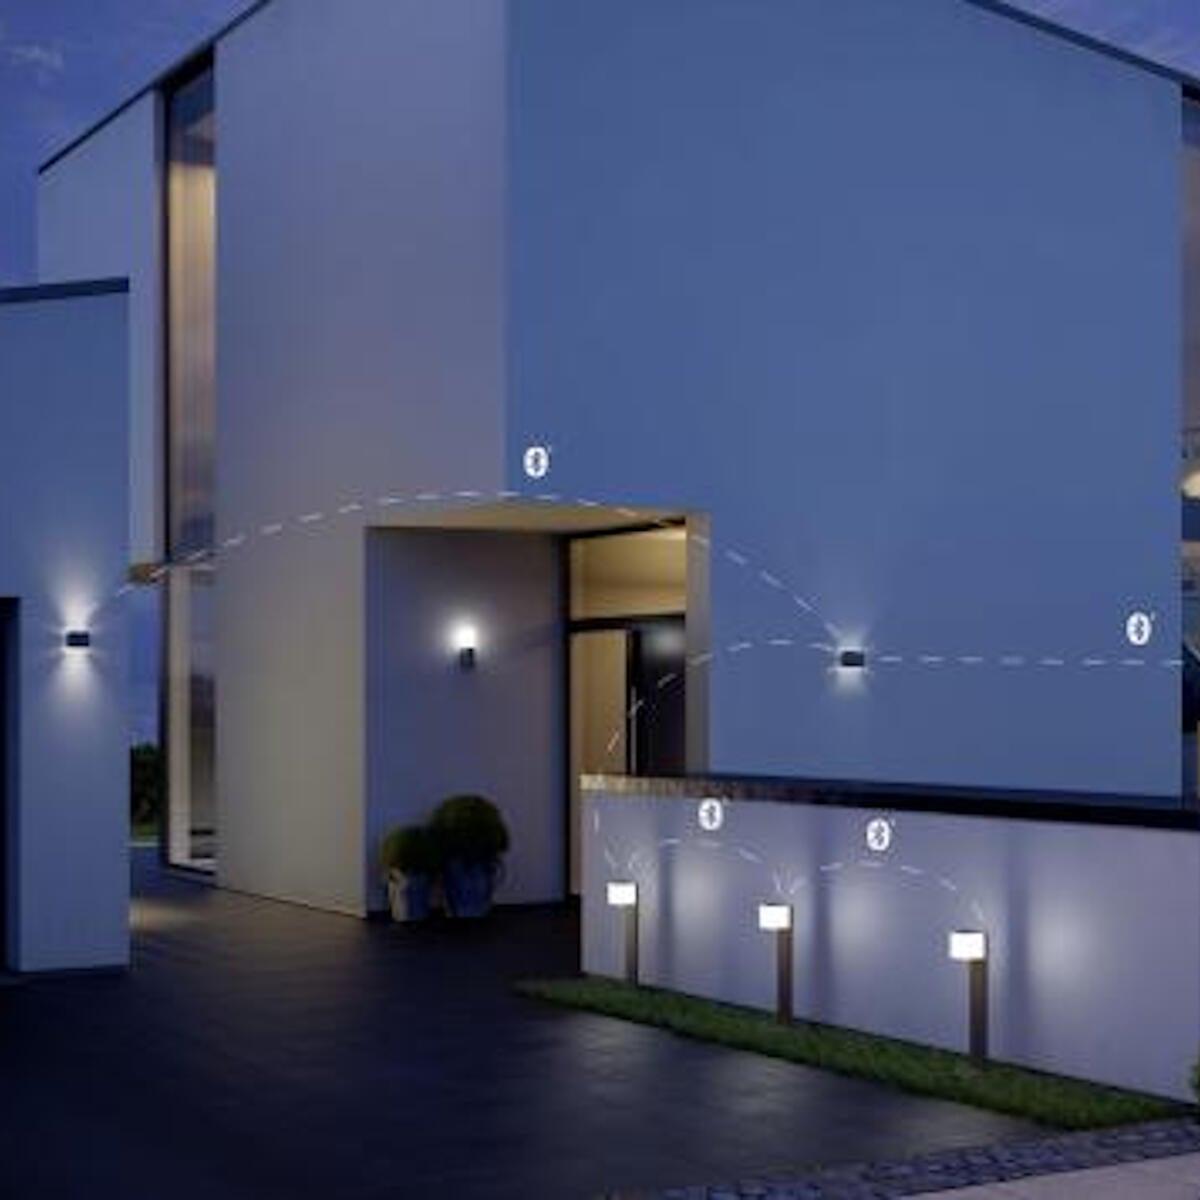 Applique L 835 LED integrato con sensore di movimento, antracite, 9.5W 586LM IP44 STEINEL - 3